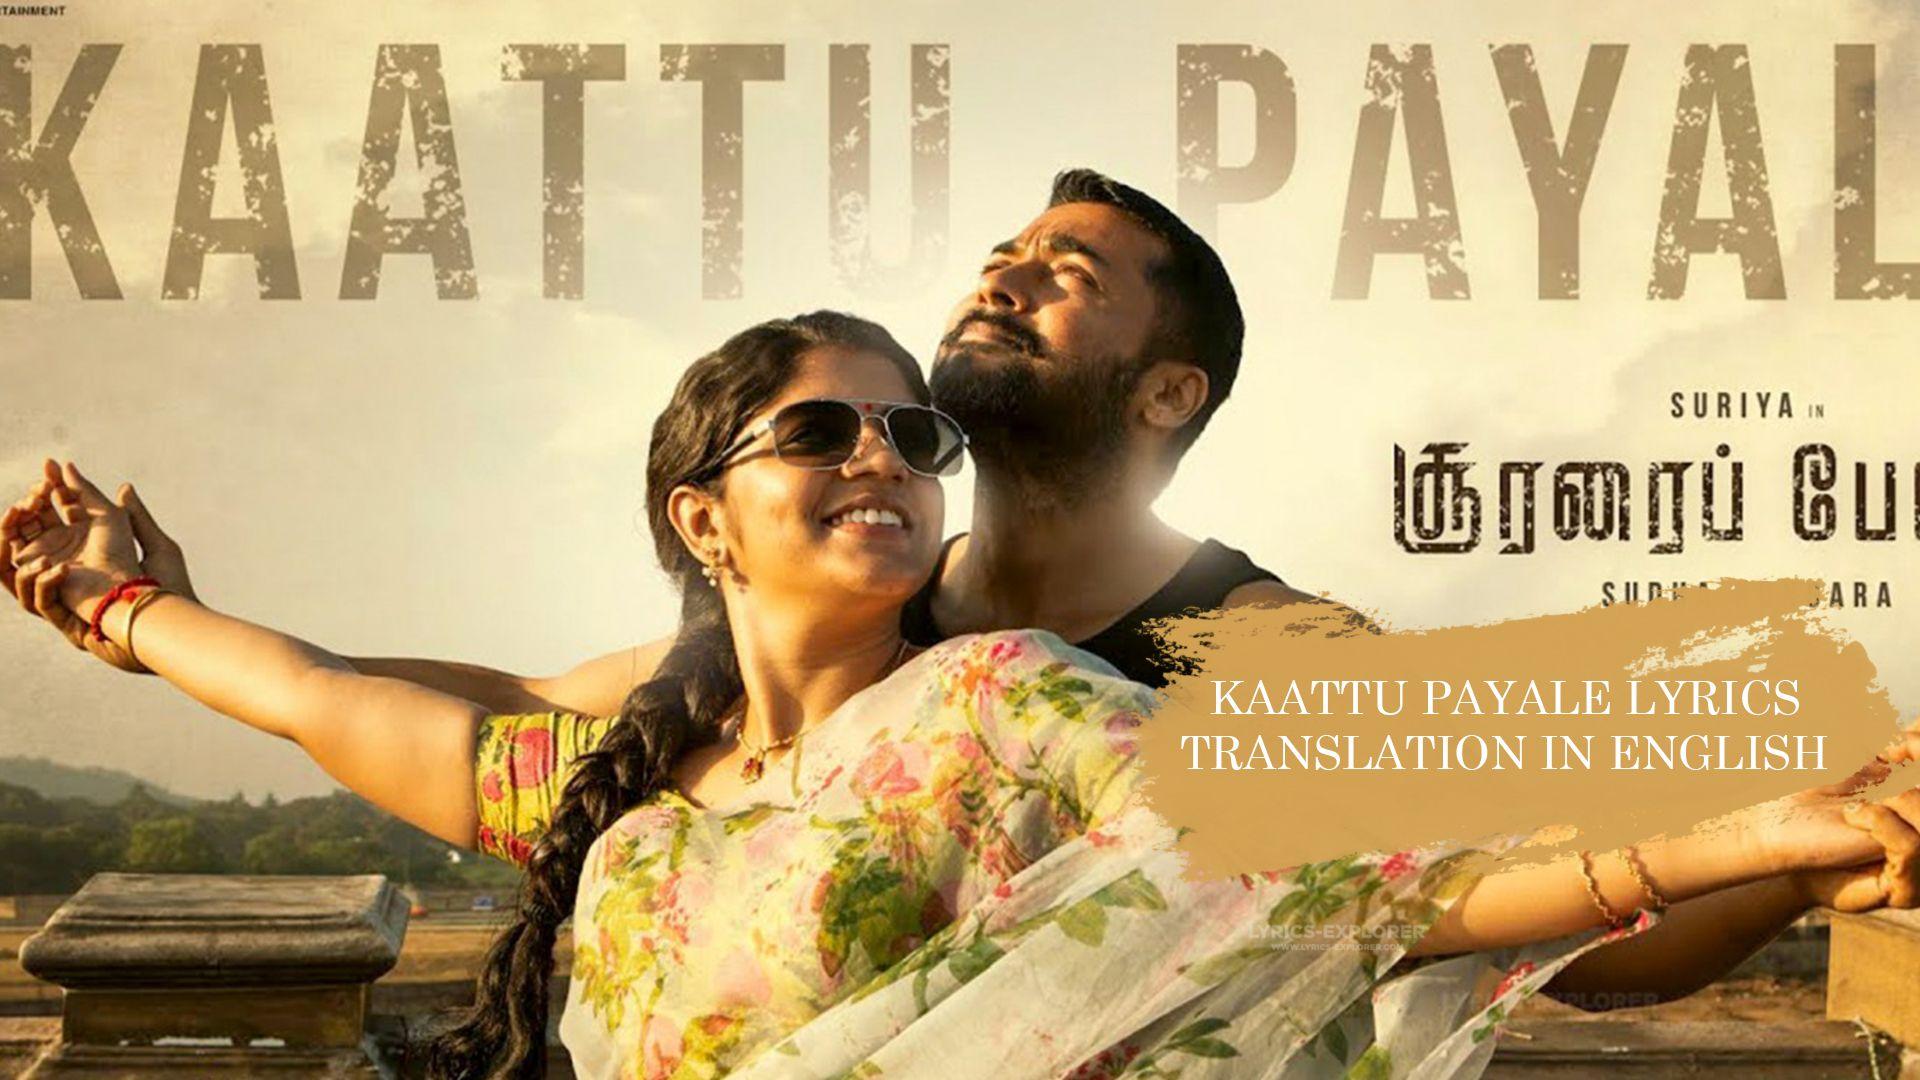 Kaattu Payale Lyrics Translation In English Free Download In 2020 Lyrics Tamil Songs Lyrics Songs